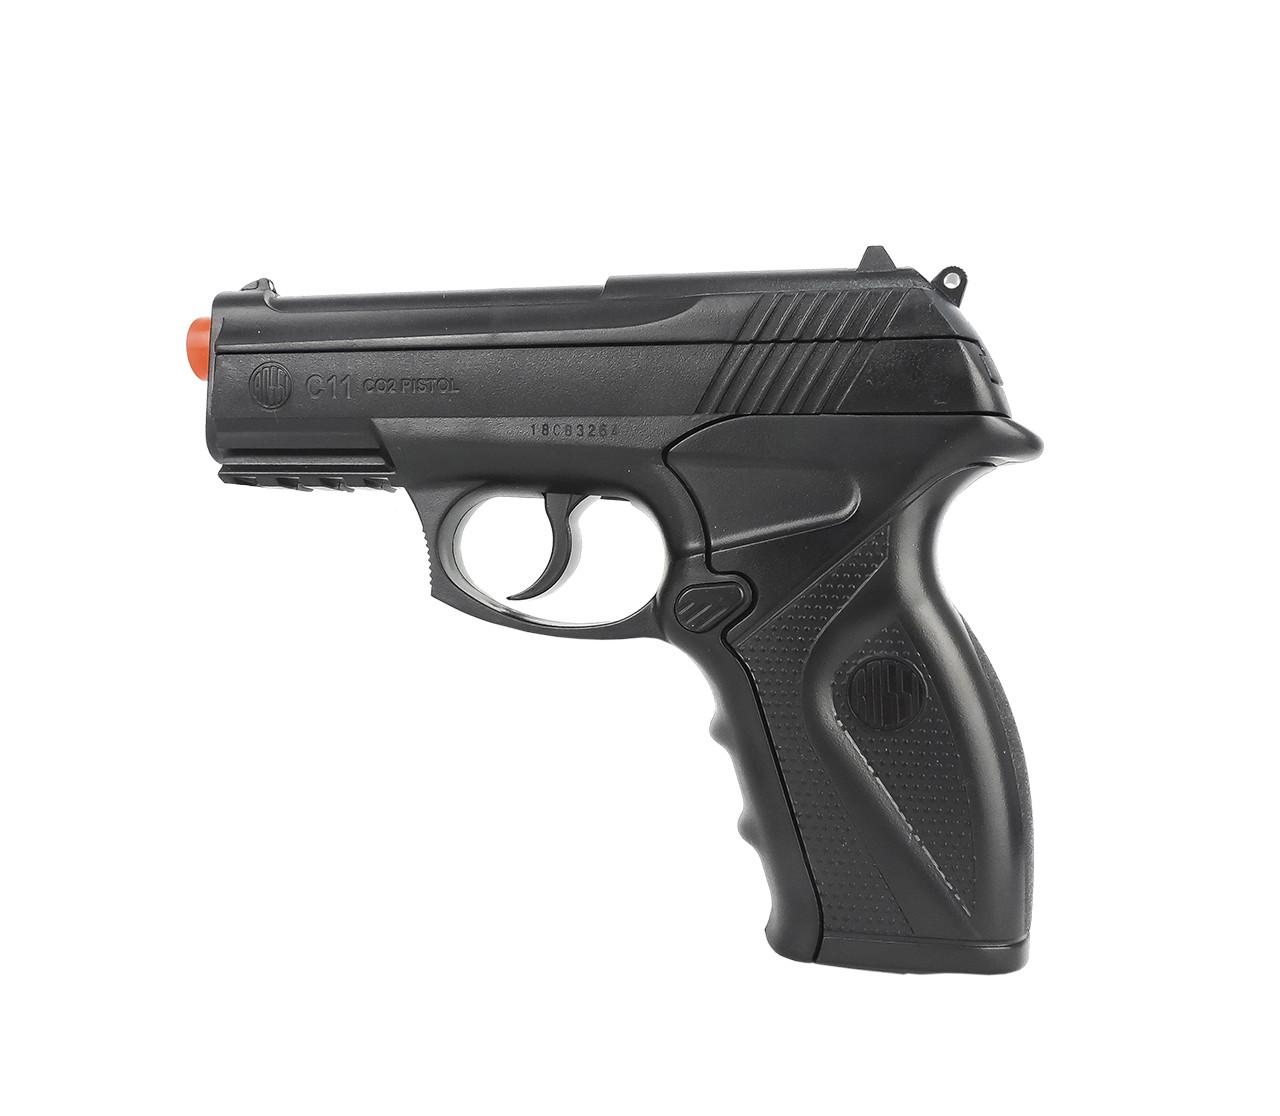 Pistola Airsoft Co2 Wingun C11 6mm Airsoft